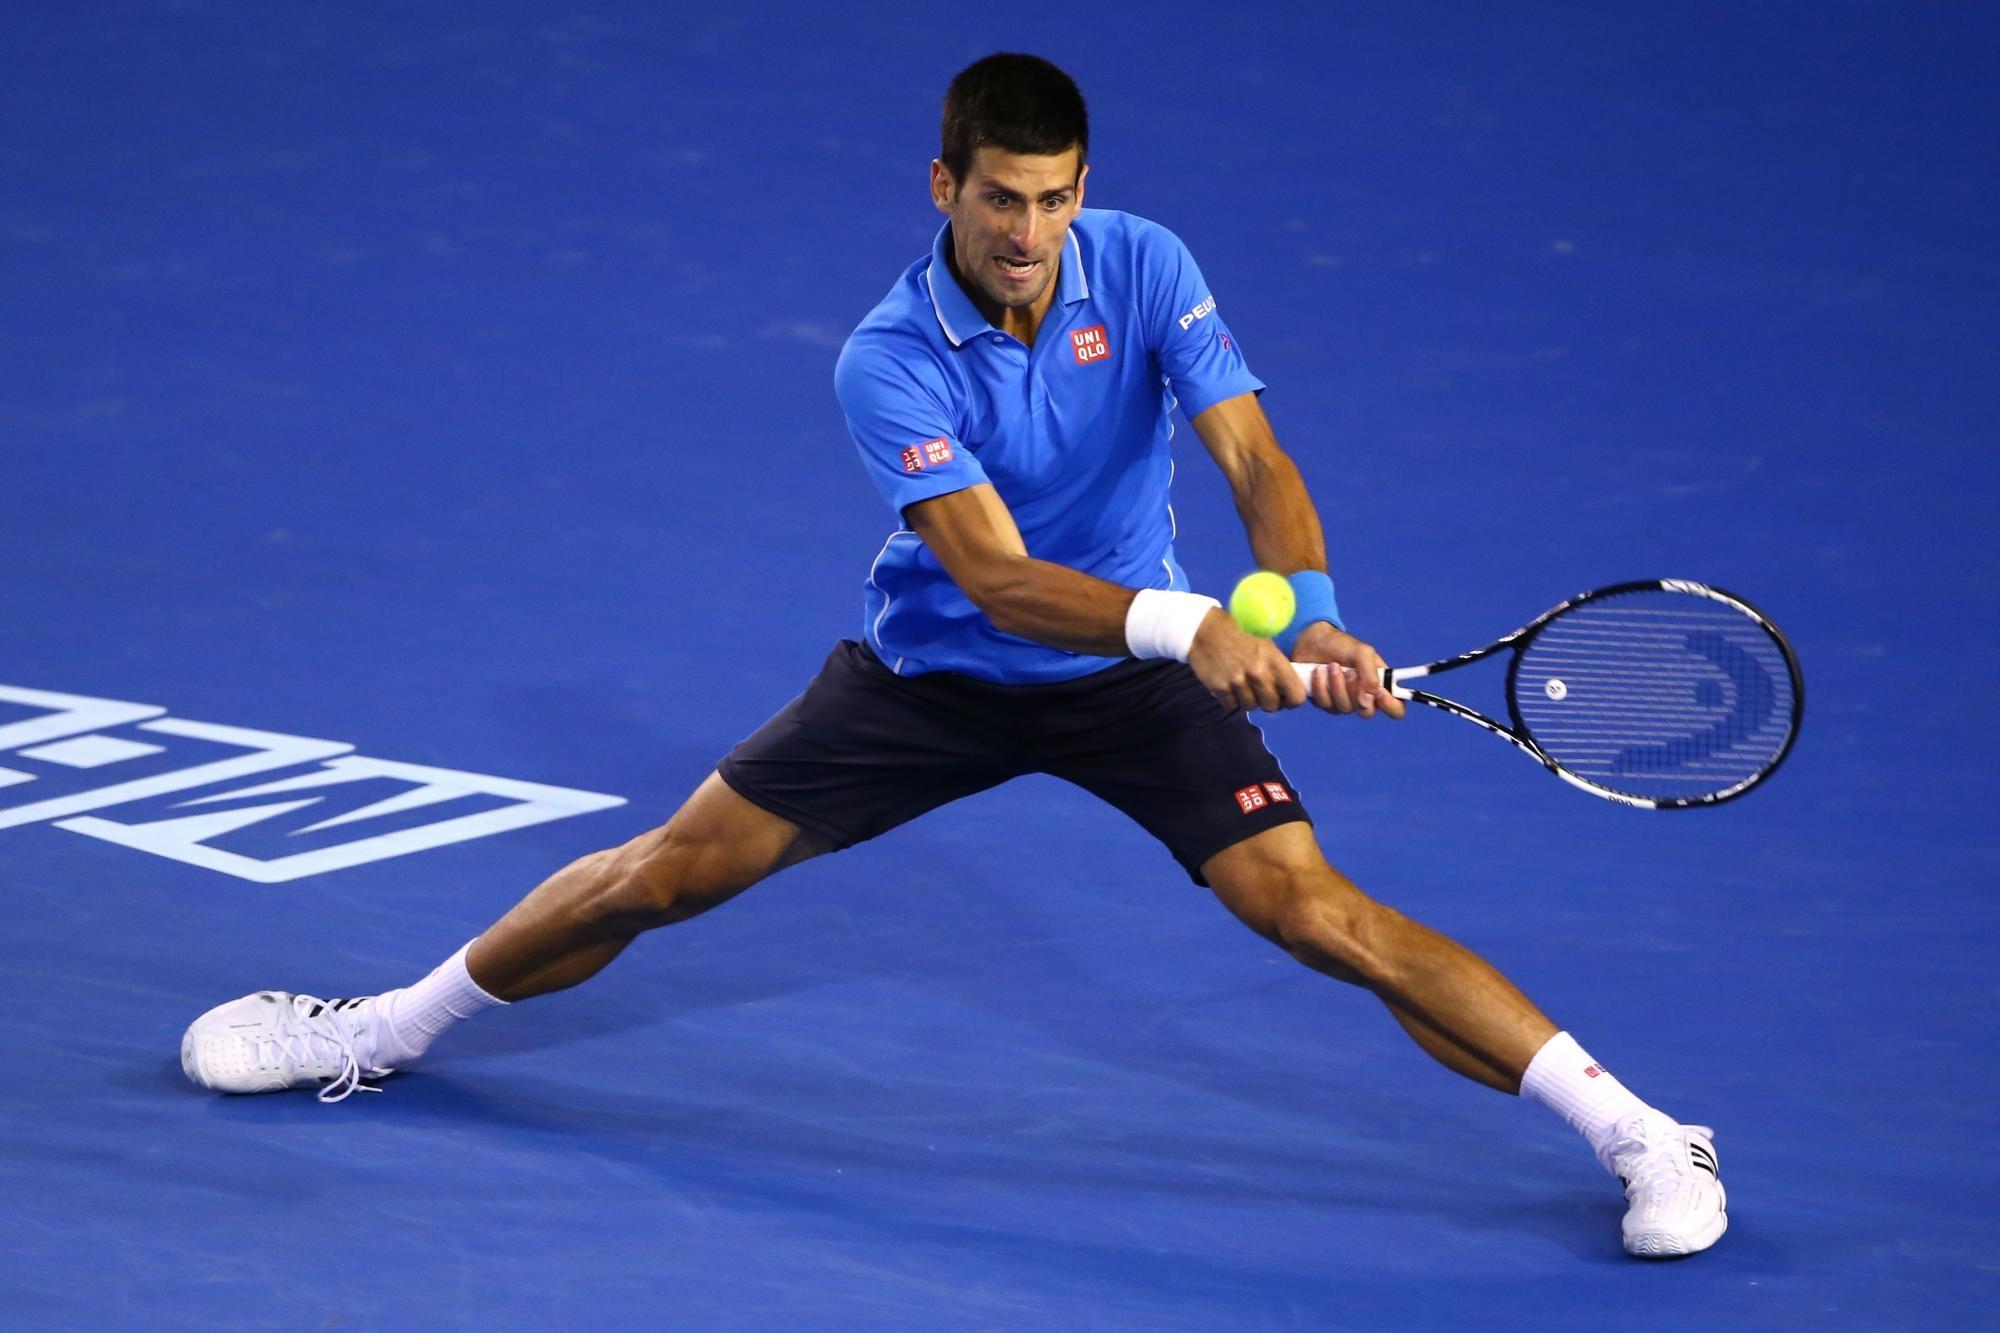 """""""дрыщь"""" на фото один из сильнейших теннисистов-мужчин Джокович"""